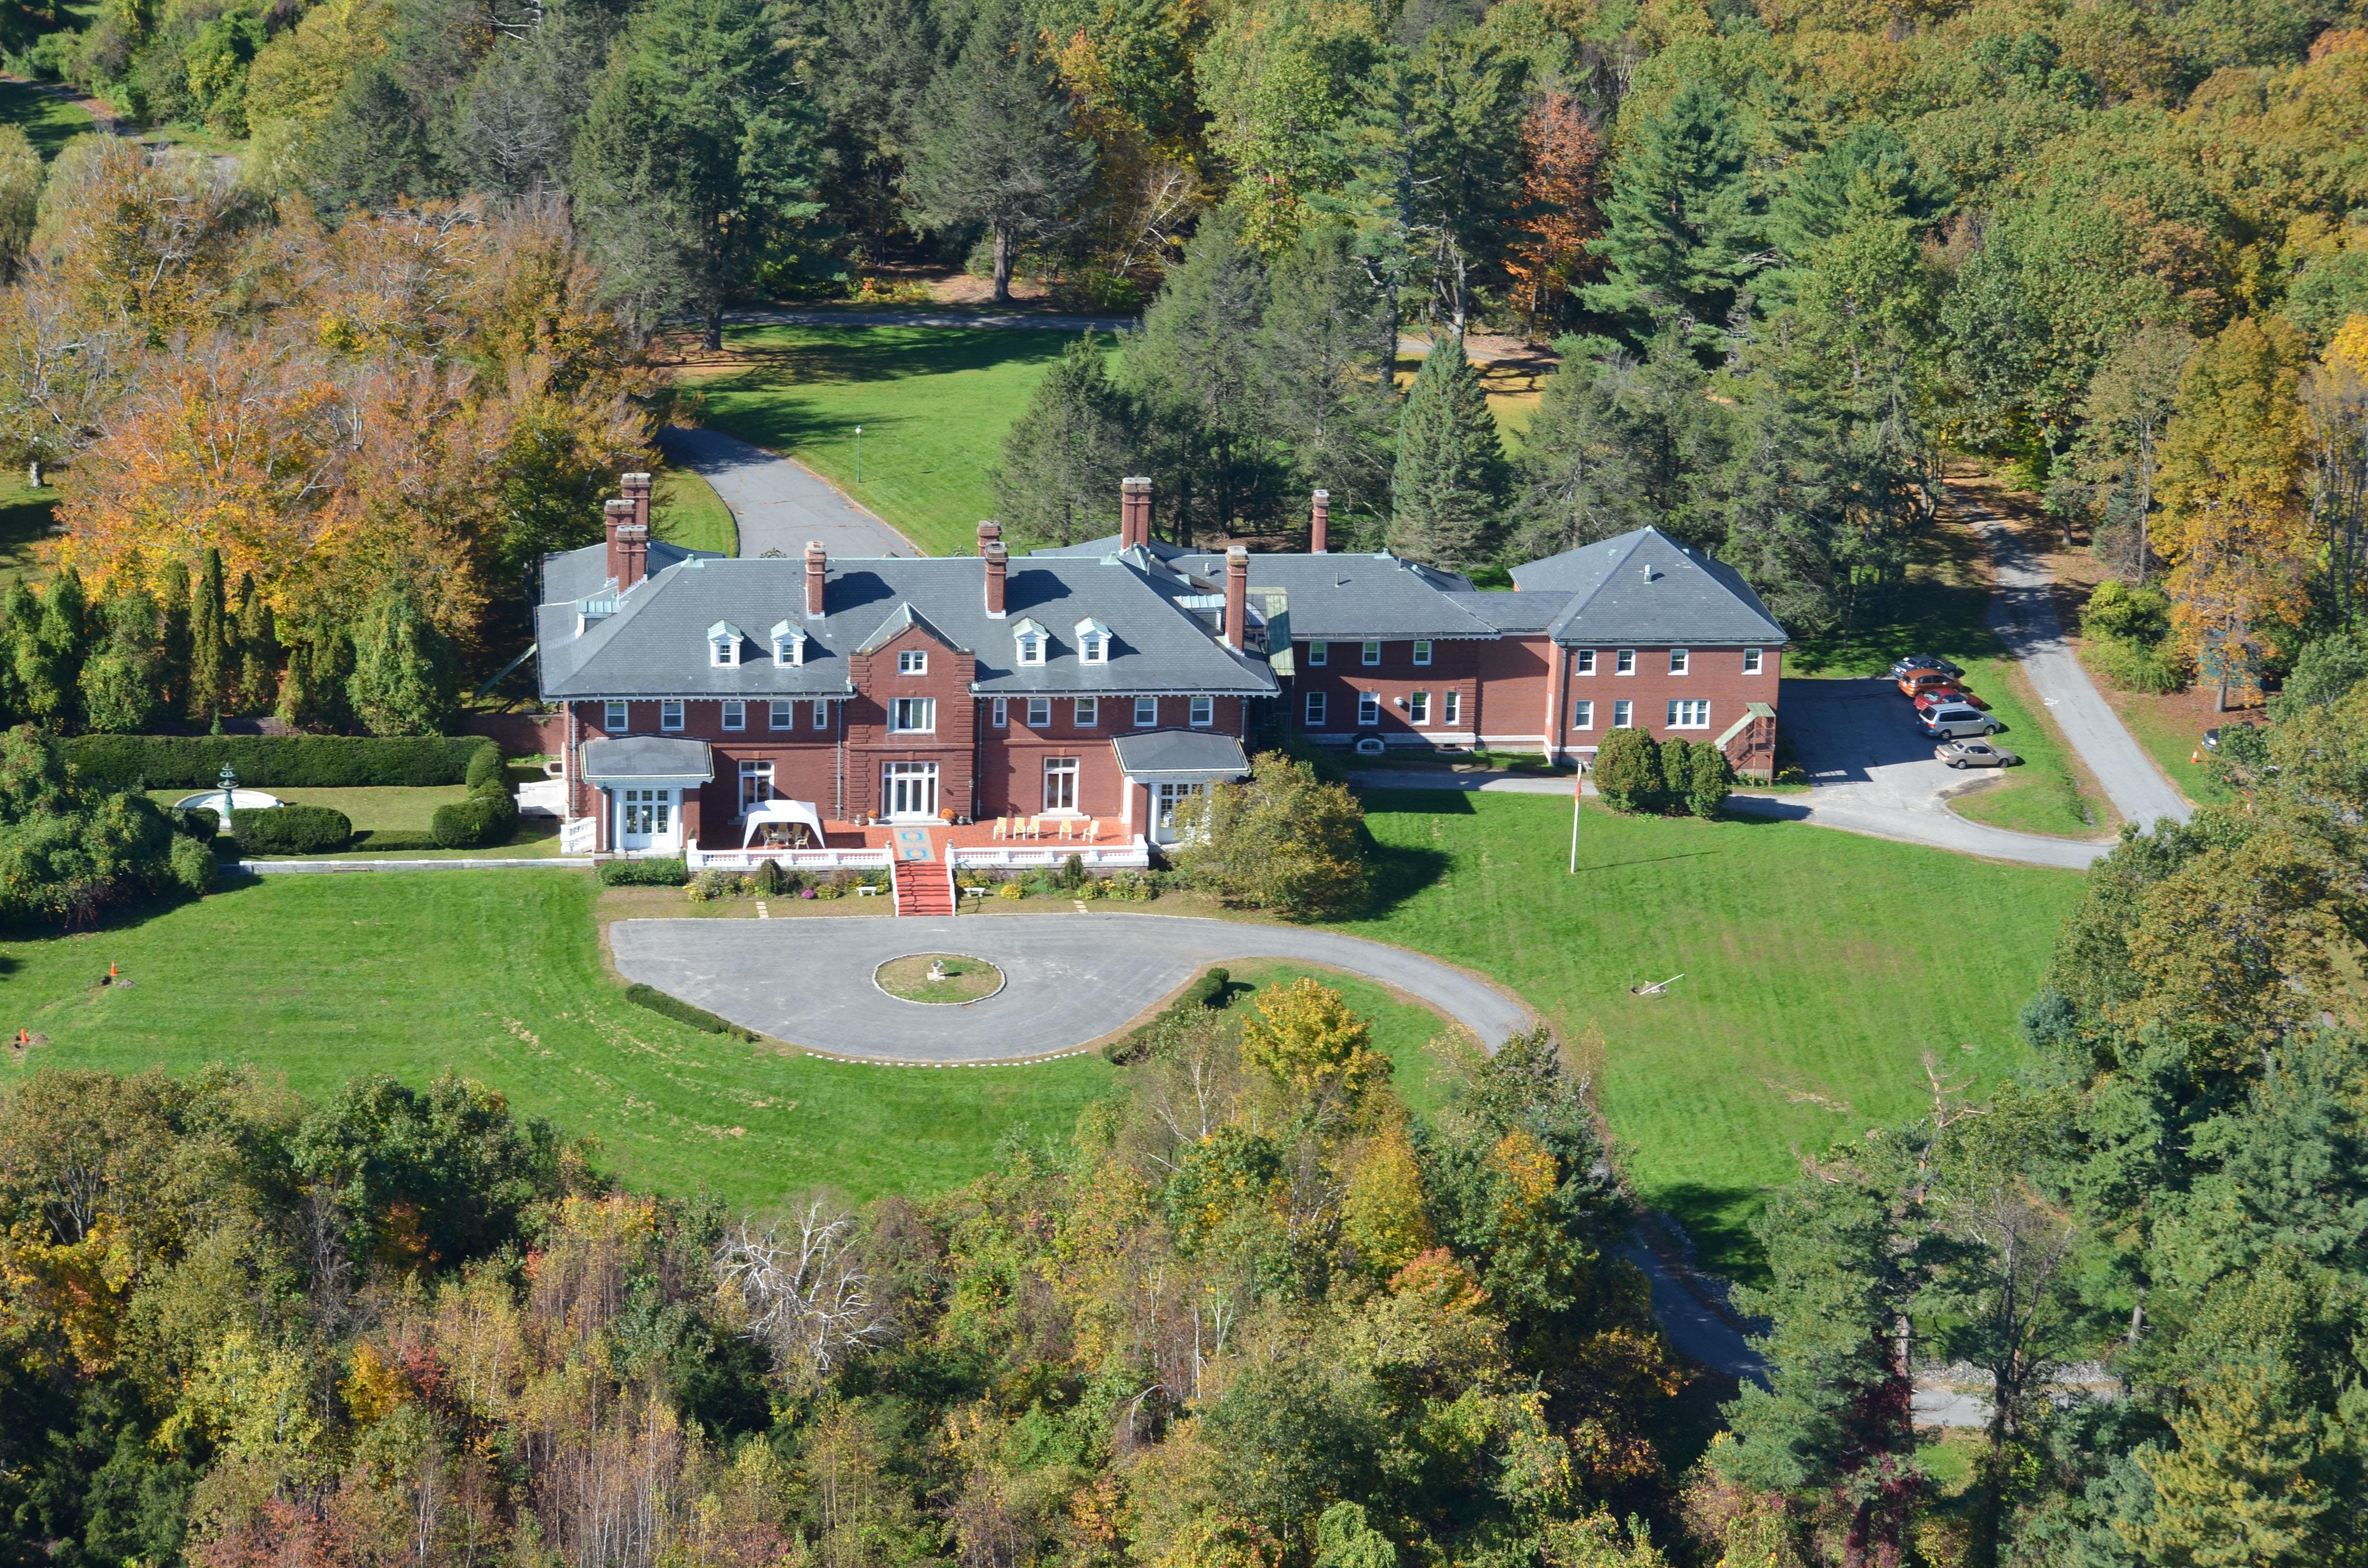 Maison unifamiliale pour l Vente à BSF 0 George HIll/Hilltop Roads Lancaster, Massachusetts, 01523 États-Unis